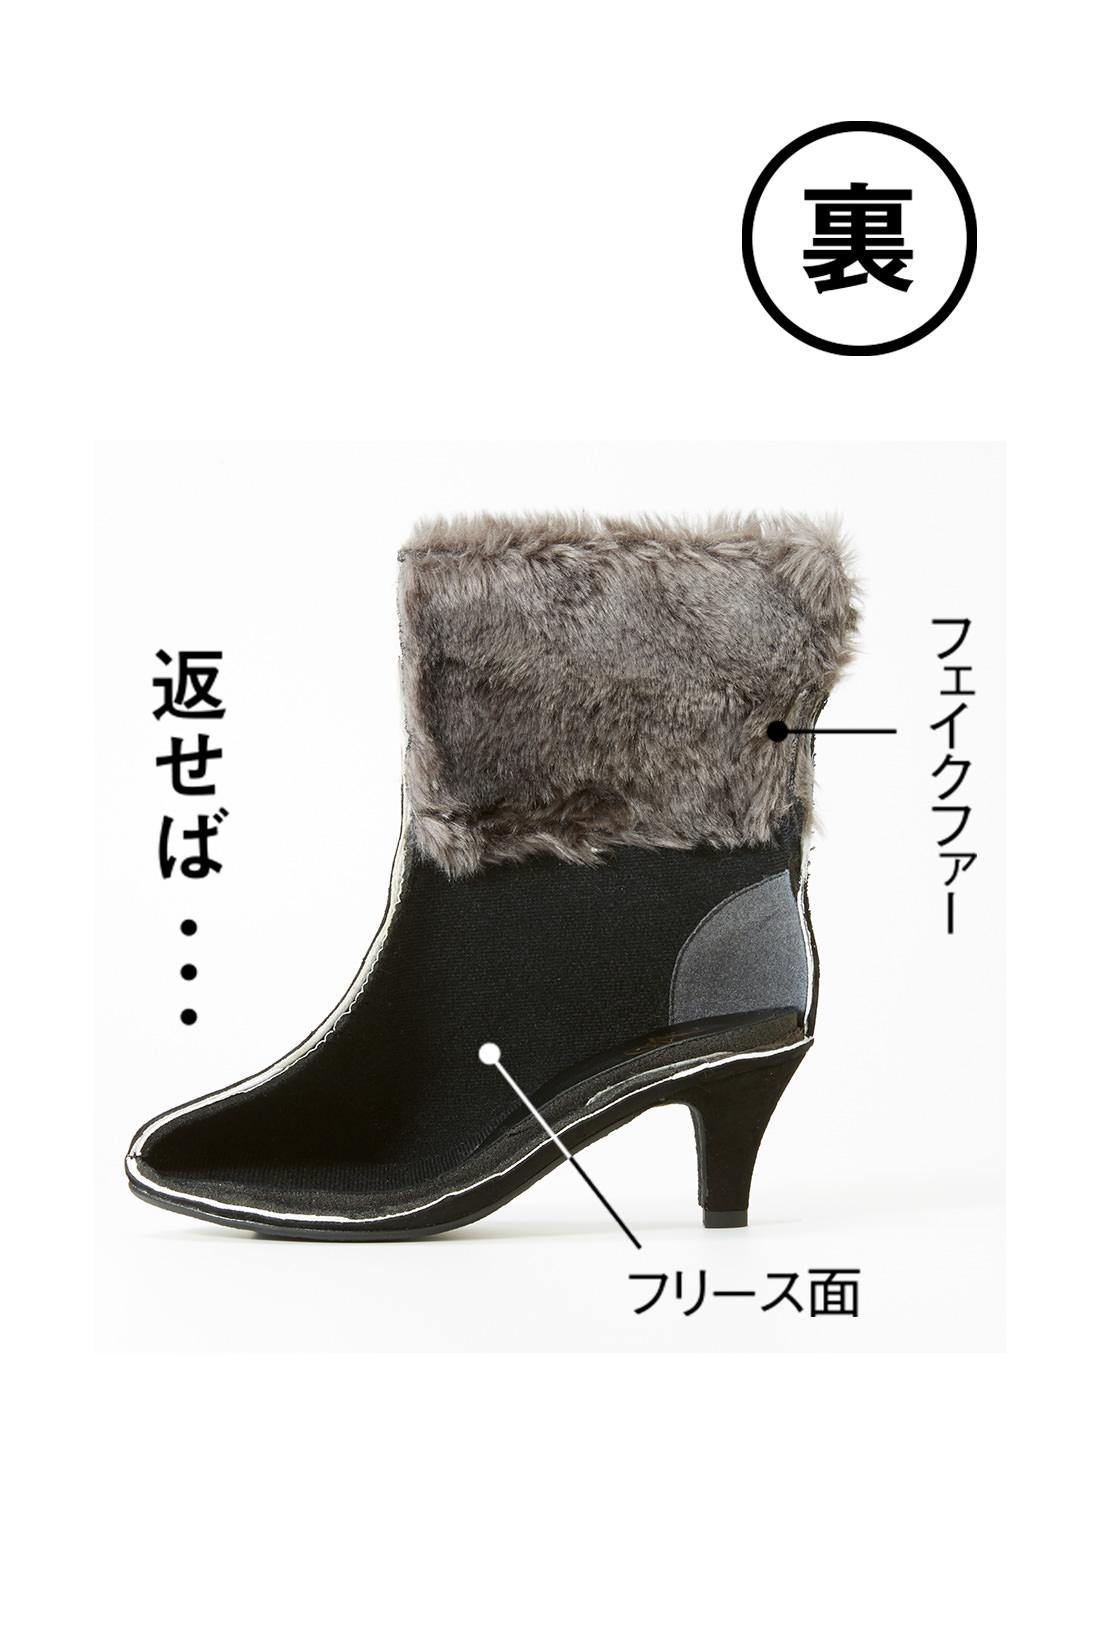 ファーとフリースのあったかポイント 折り返しても立てても履ける2-WAY仕様。足首部分は、ふんわりリアルな質感のフェイクファーでエレガントに。つま先、甲を包む部分は全面フリース仕立てで、冷えやすい足先を暖めます。